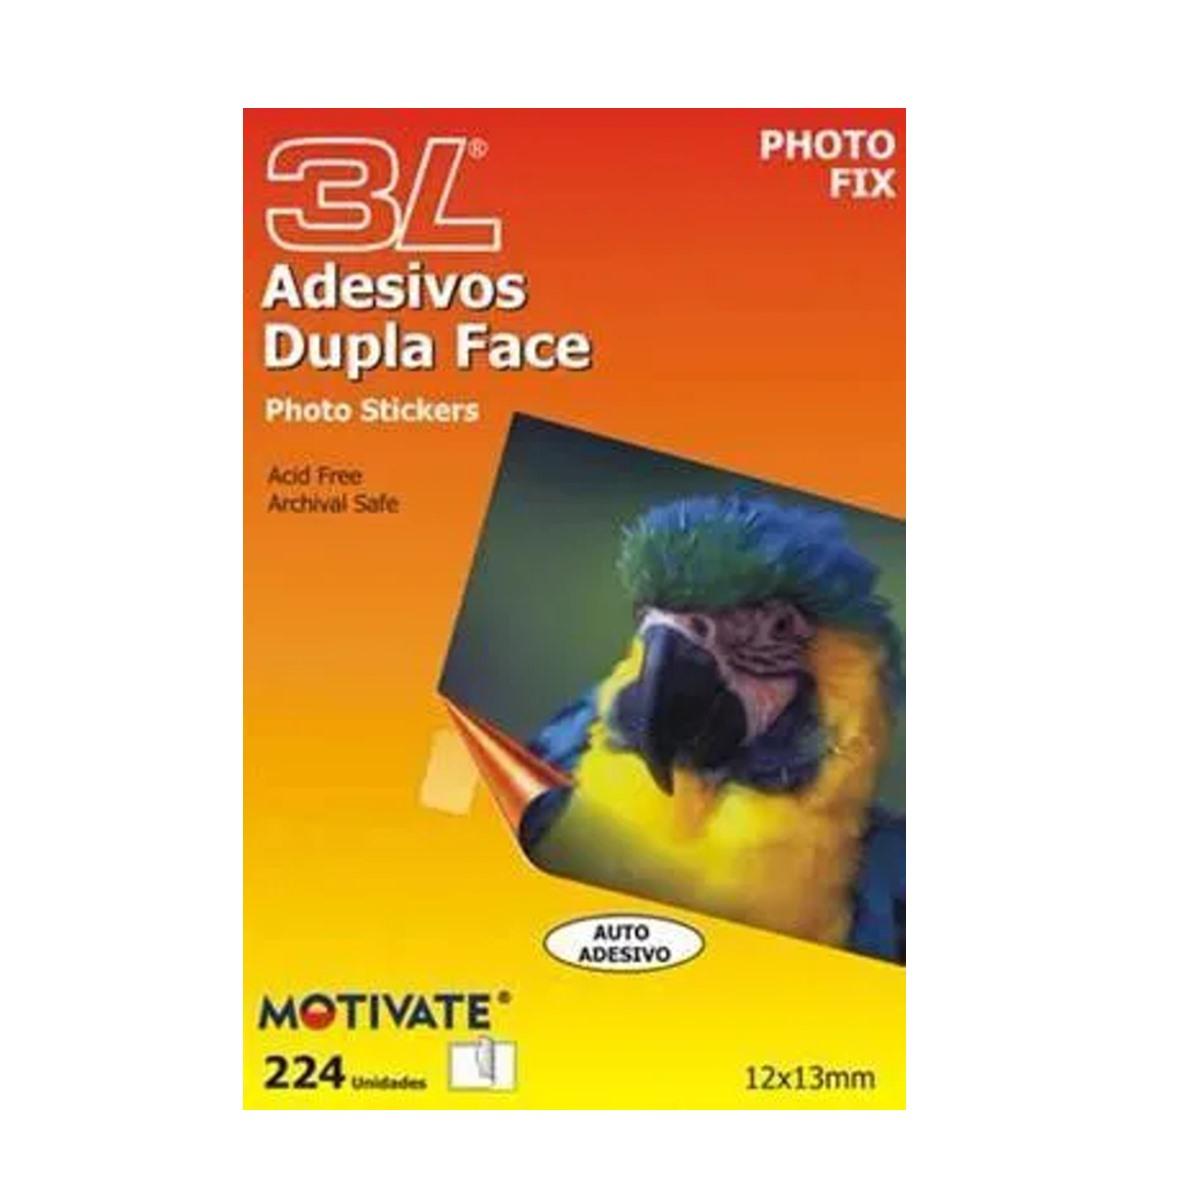 Auto Adesivo Dupla Face Photo Fix - Caixa com 20 Blisters de 504 unidades (cada)